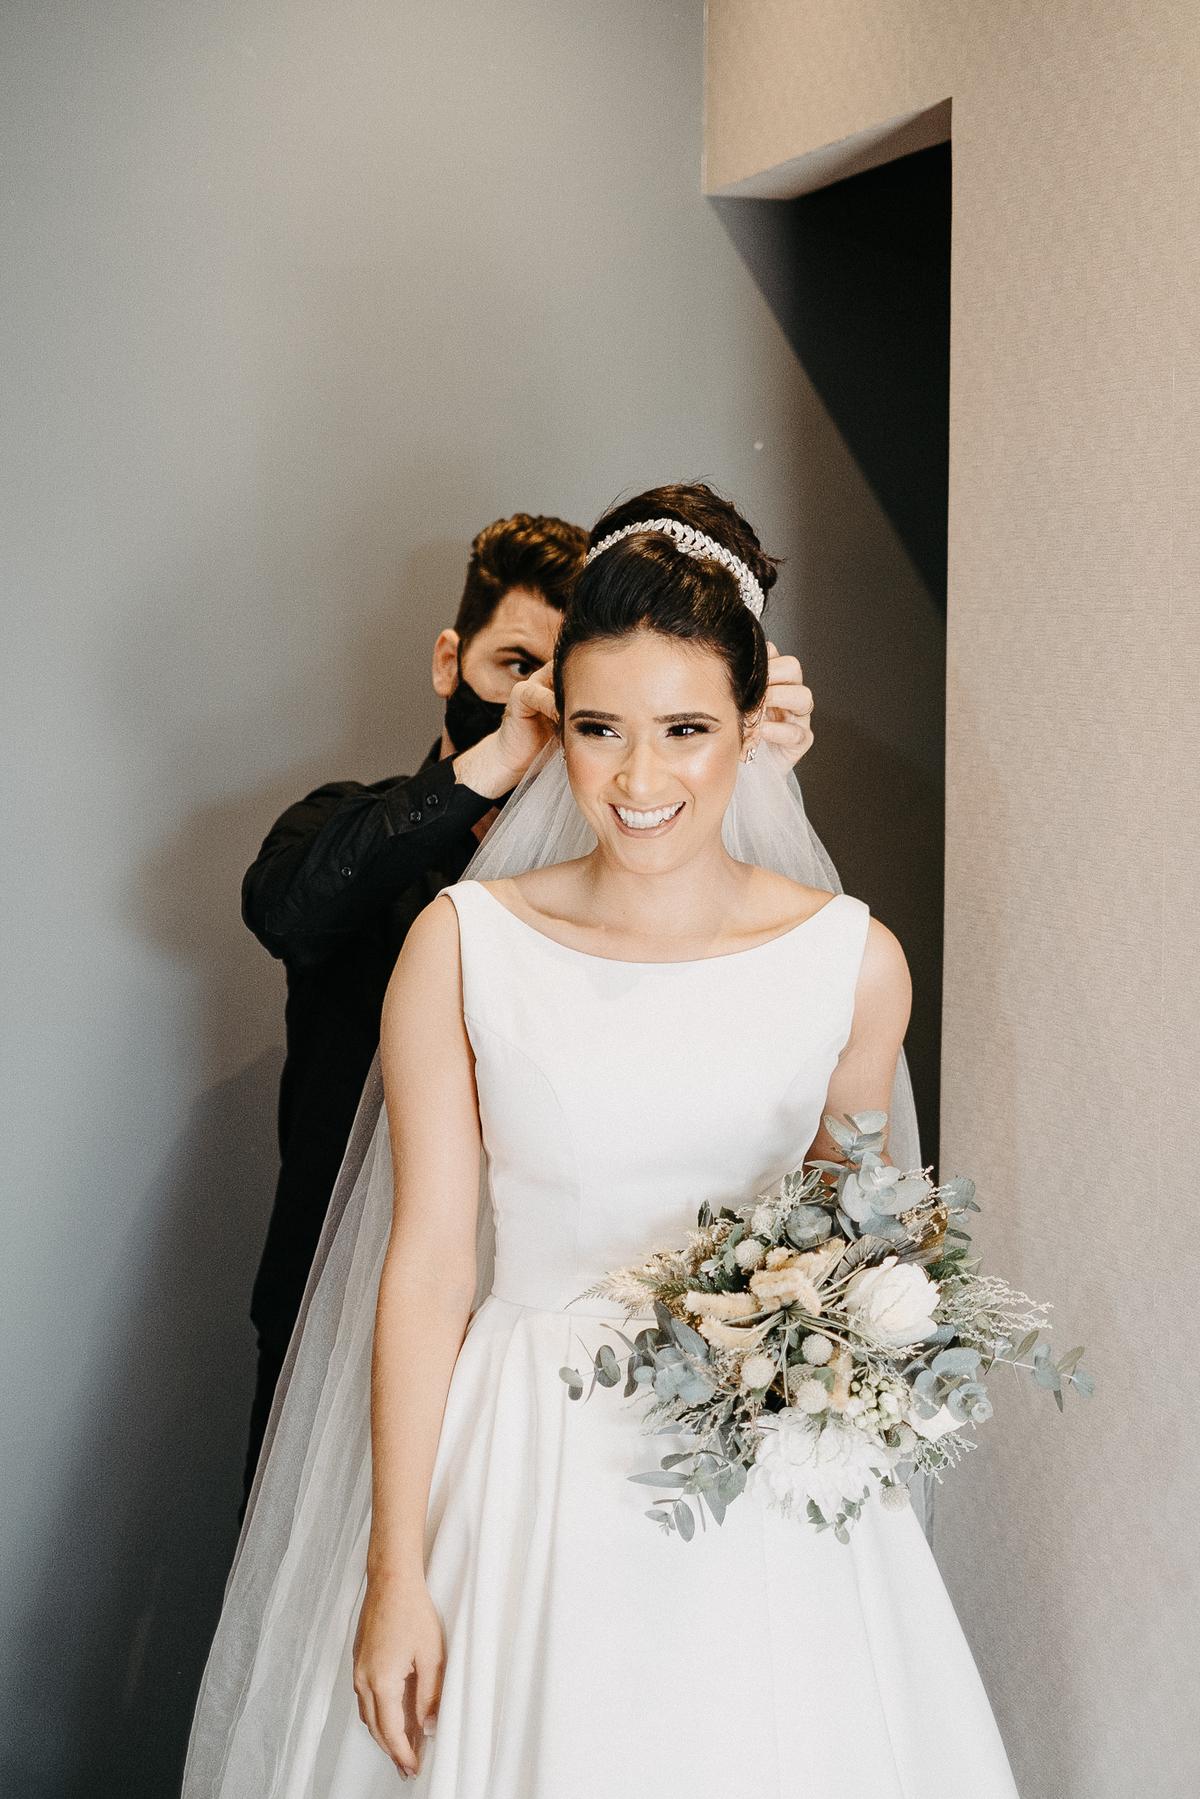 vestido de noiva casamentos de dia cerimonia intimista casamentos no campo mini wedding vestido de noiva fotografos de casamento veu de noiva making of